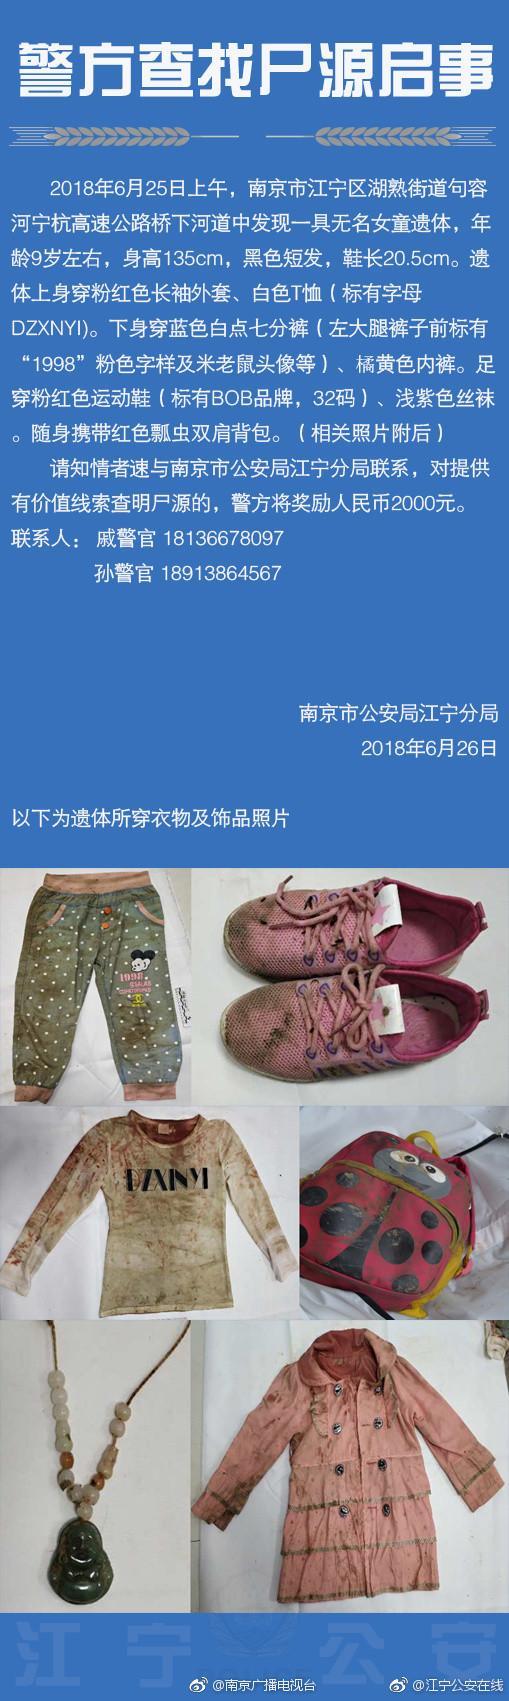 南京发现无名女童尸体 警方查找尸源